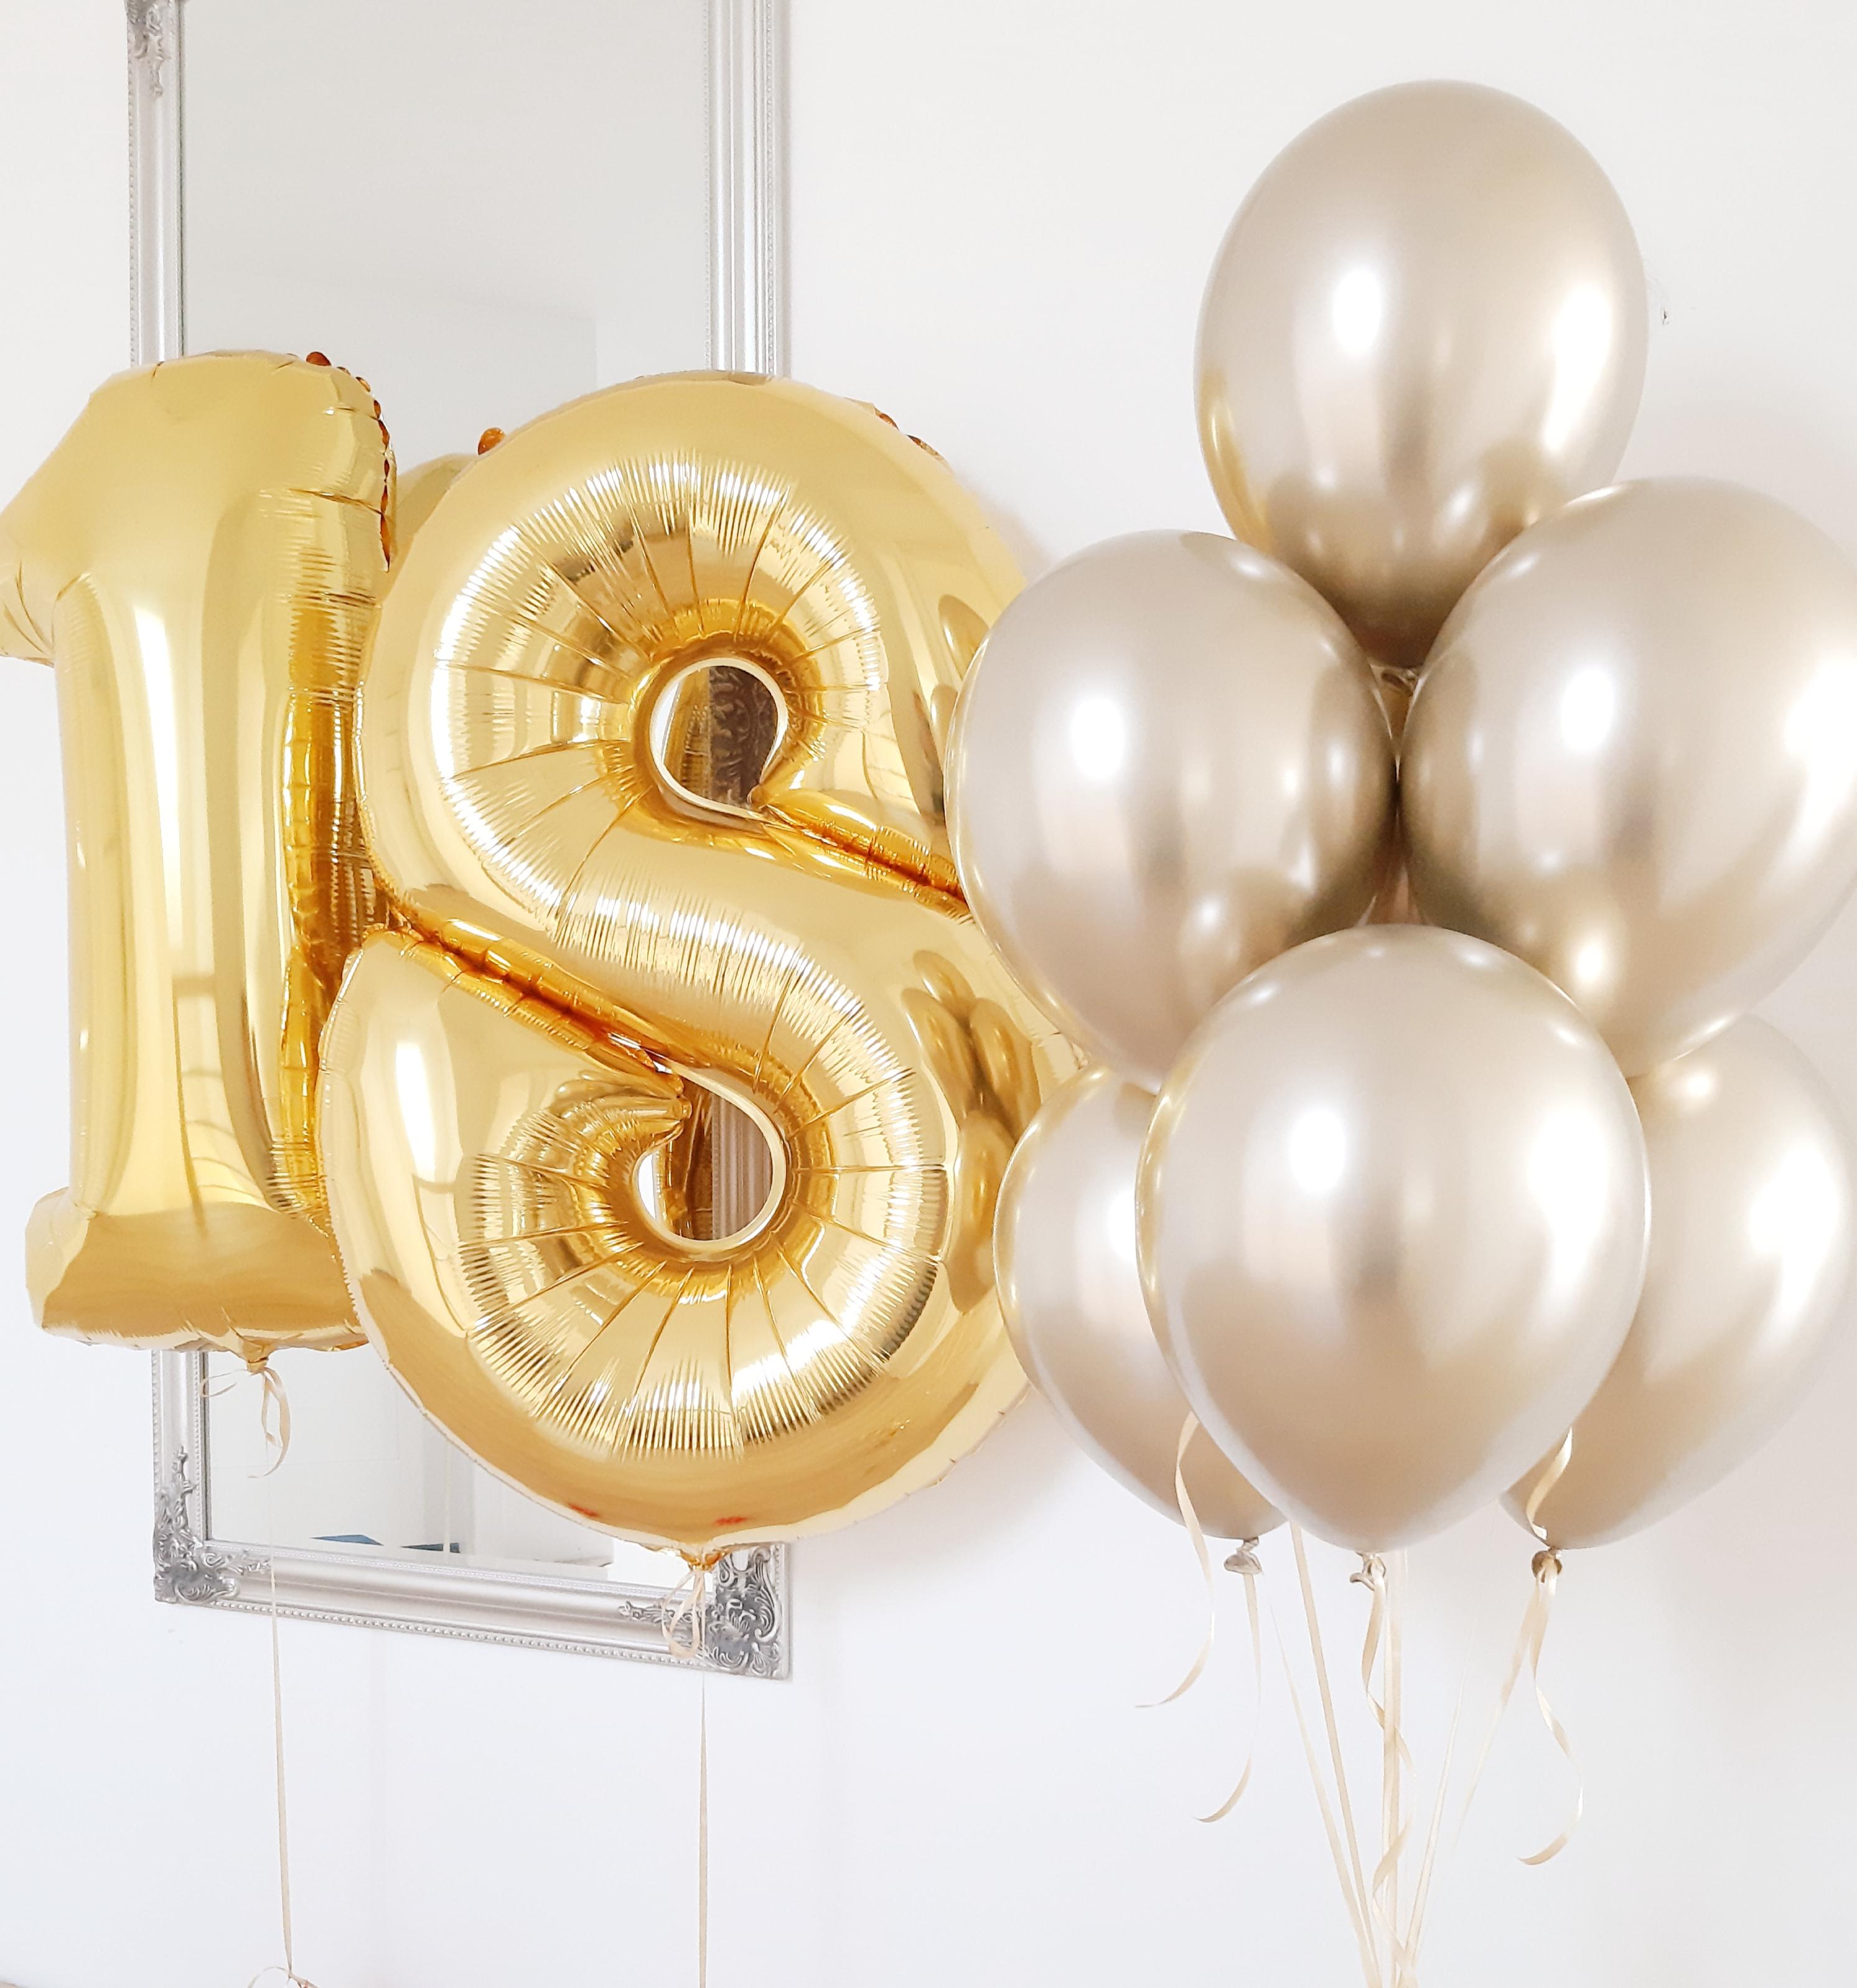 zdjecie 18 z balonami